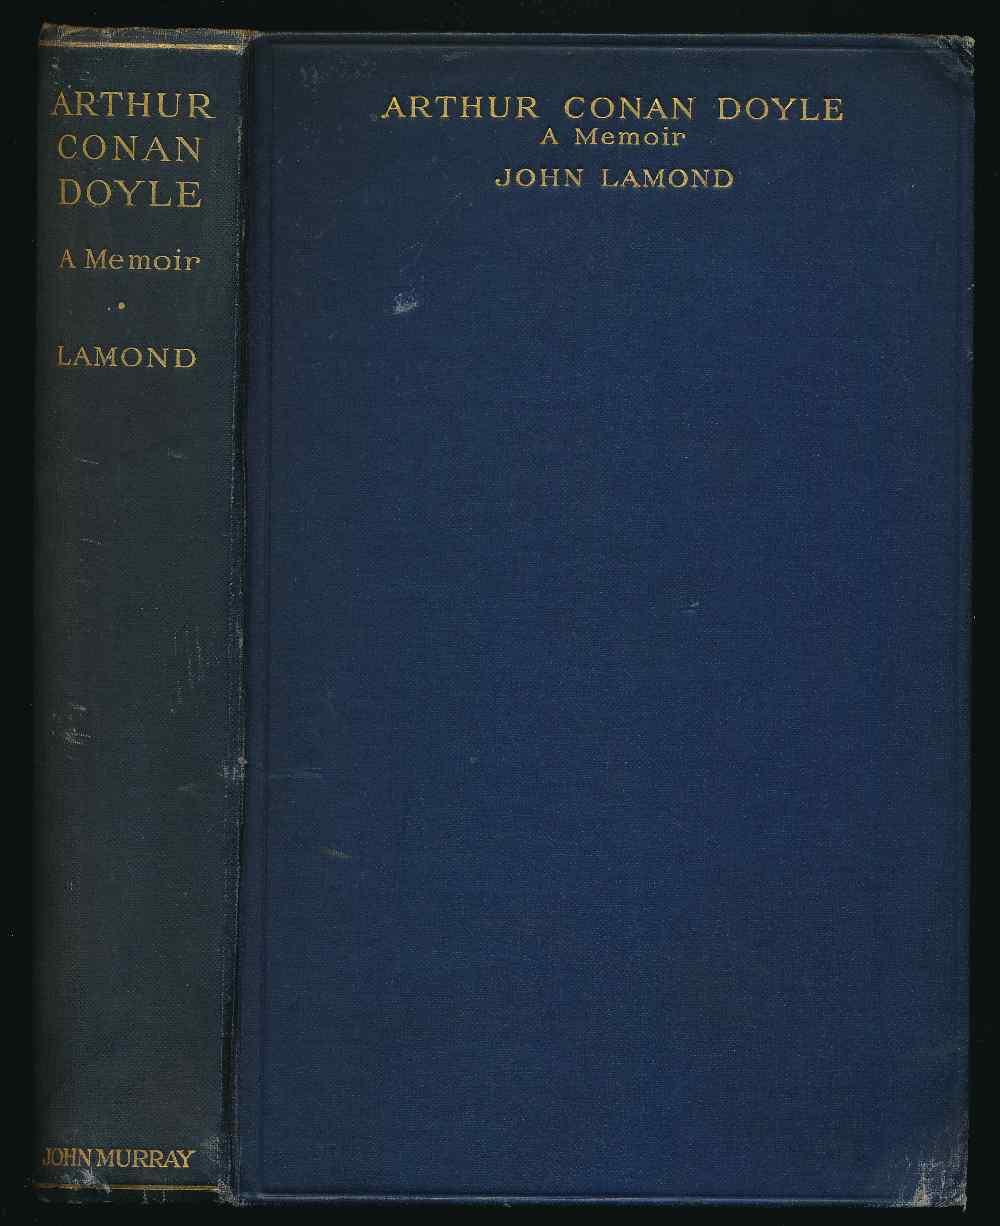 Arthur Conan Doyle : a memoir